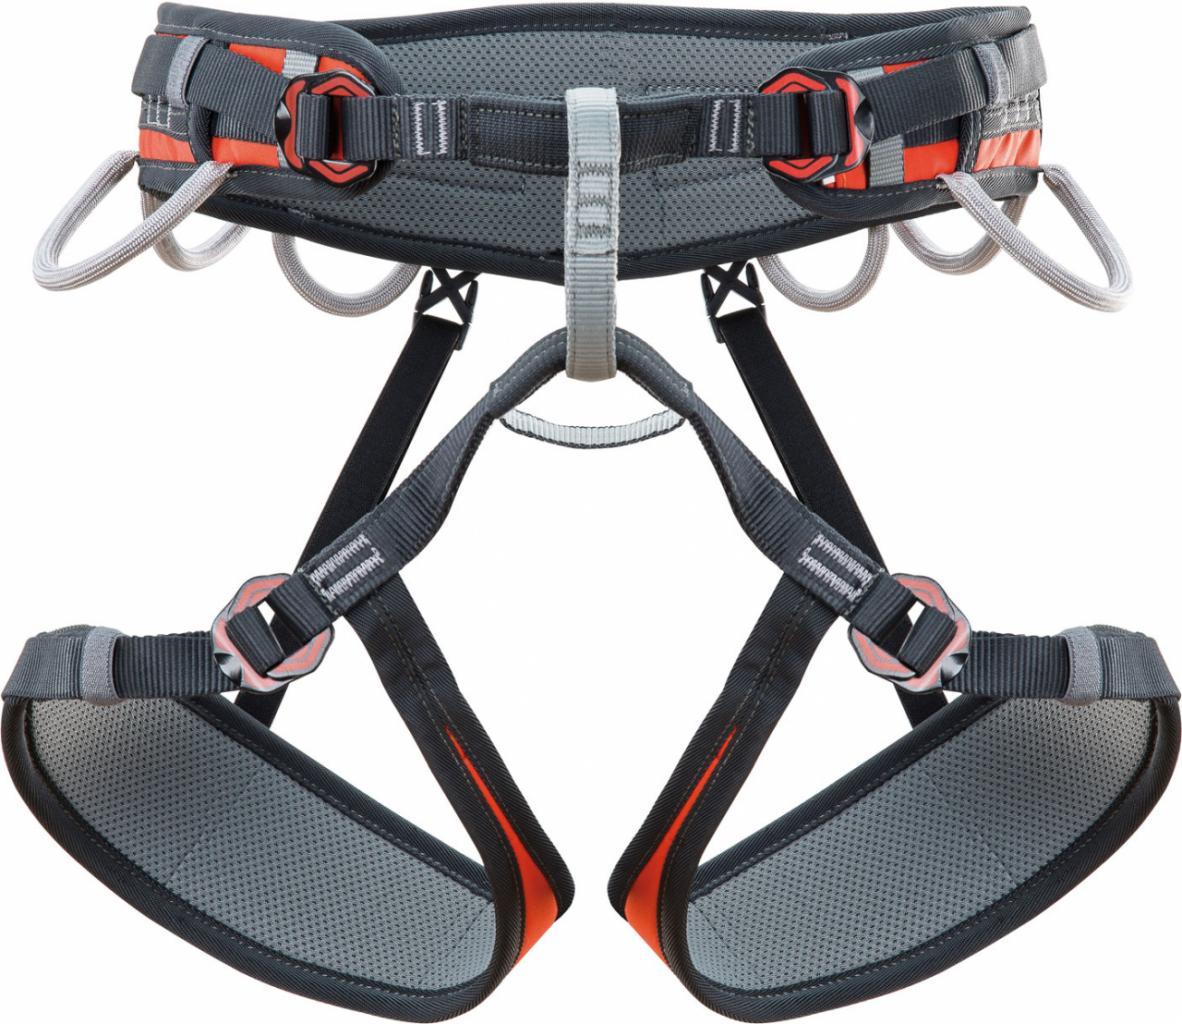 Climbing Harness Climbing Technology Ascent